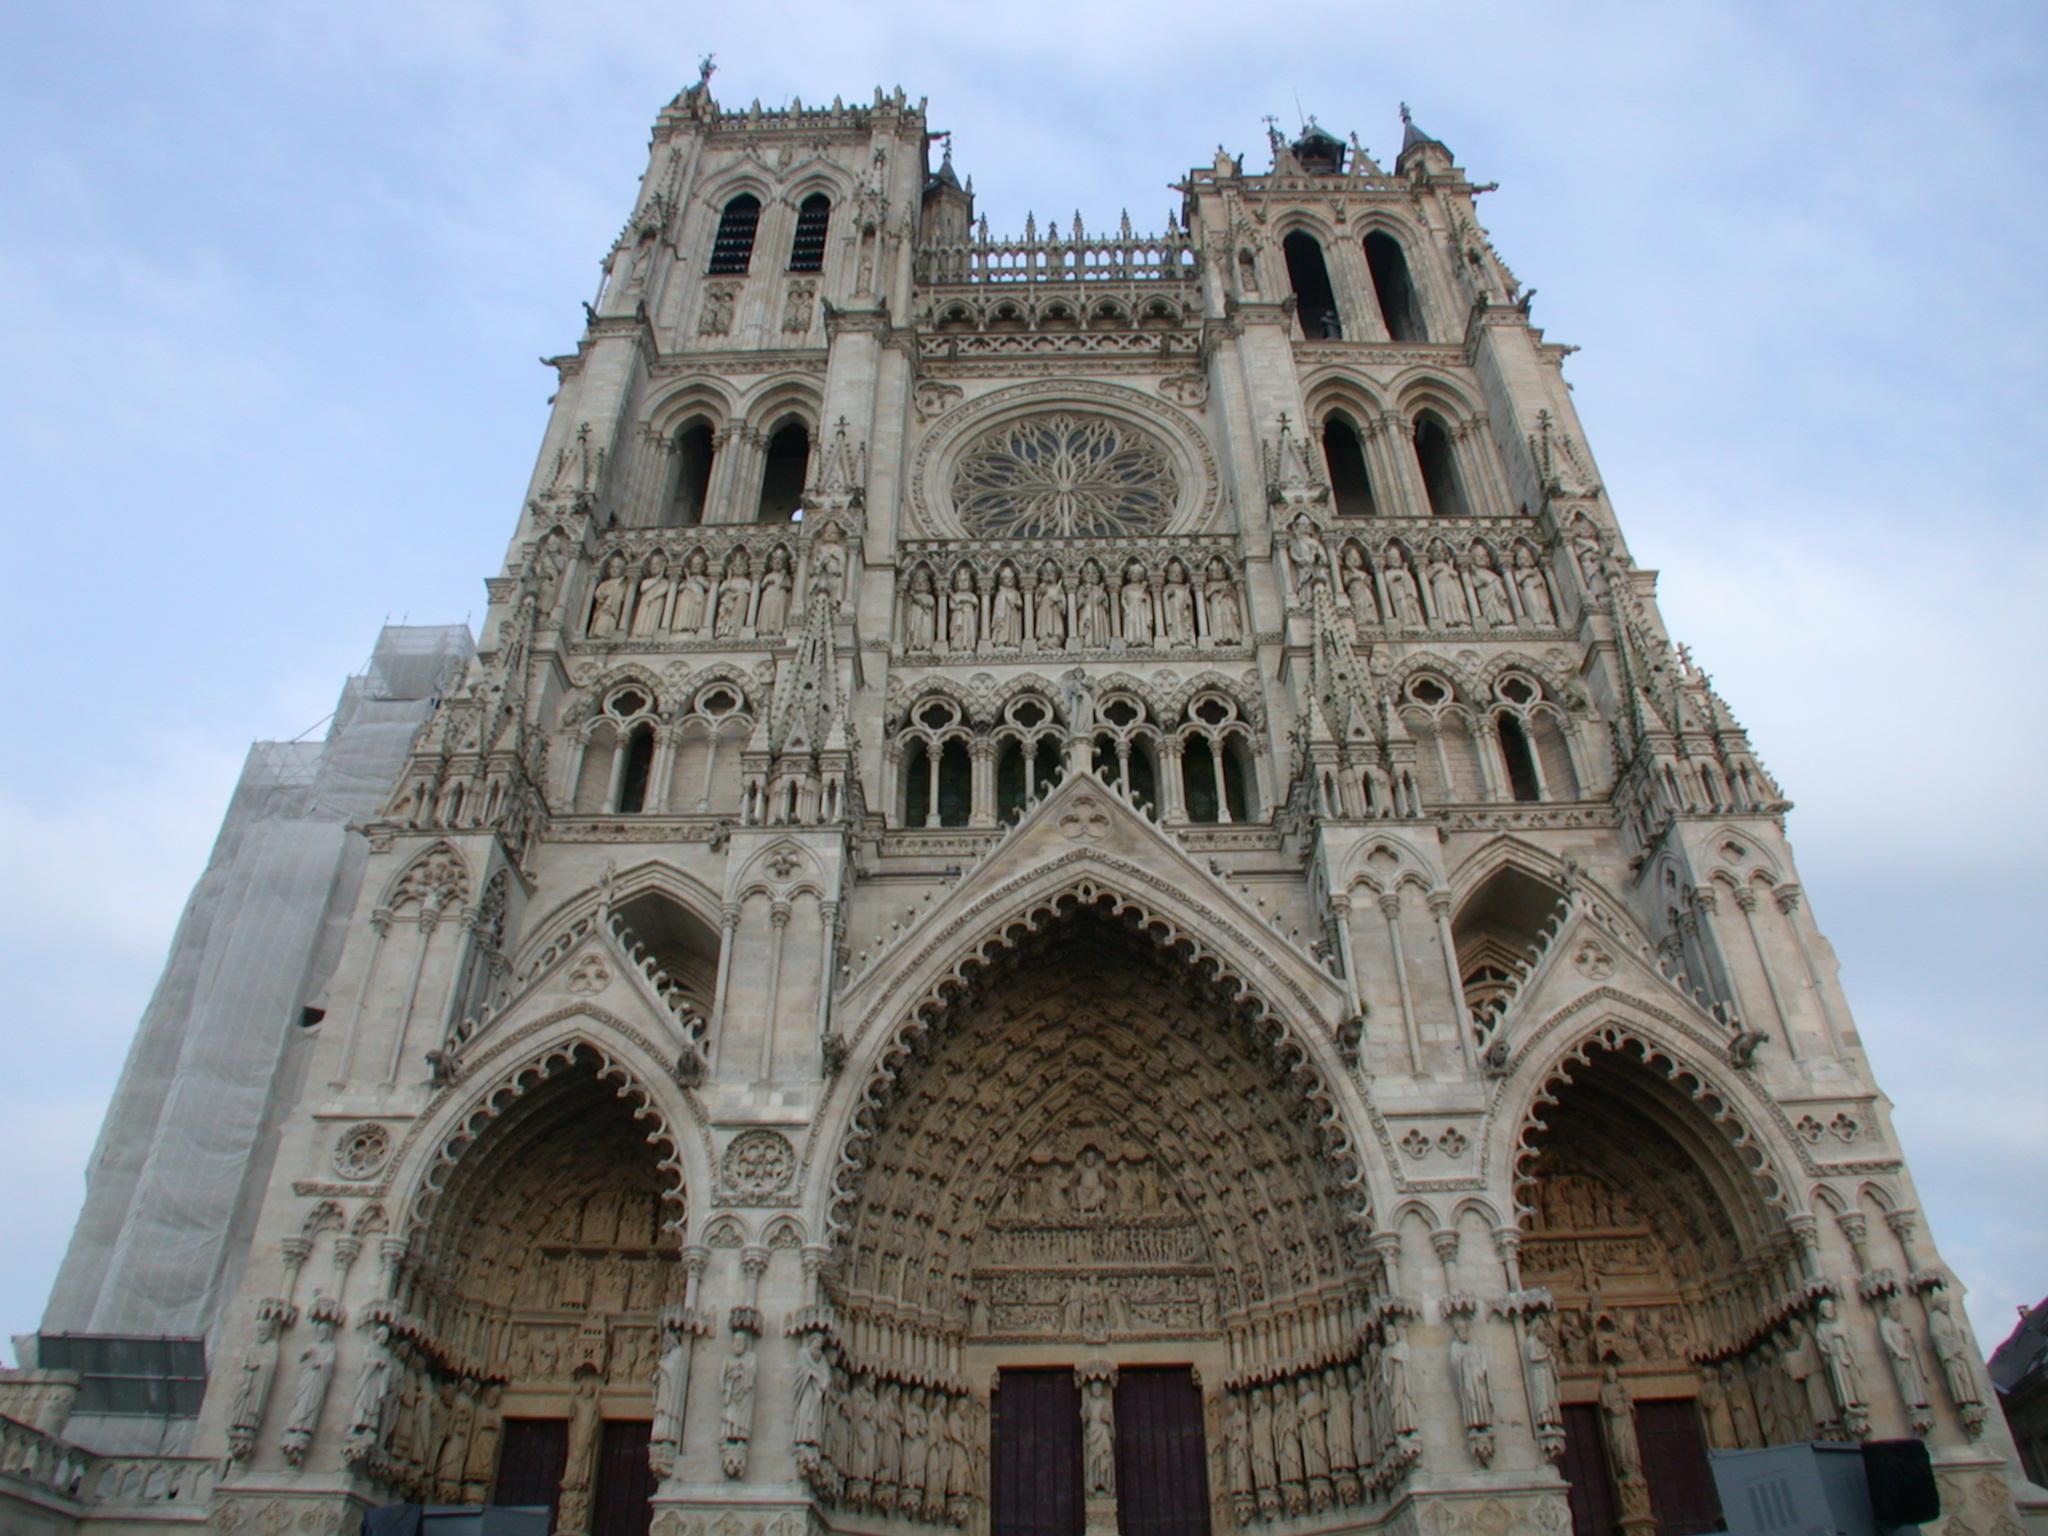 church notre dame notredame paris france basilique impressive building construction qausimodo